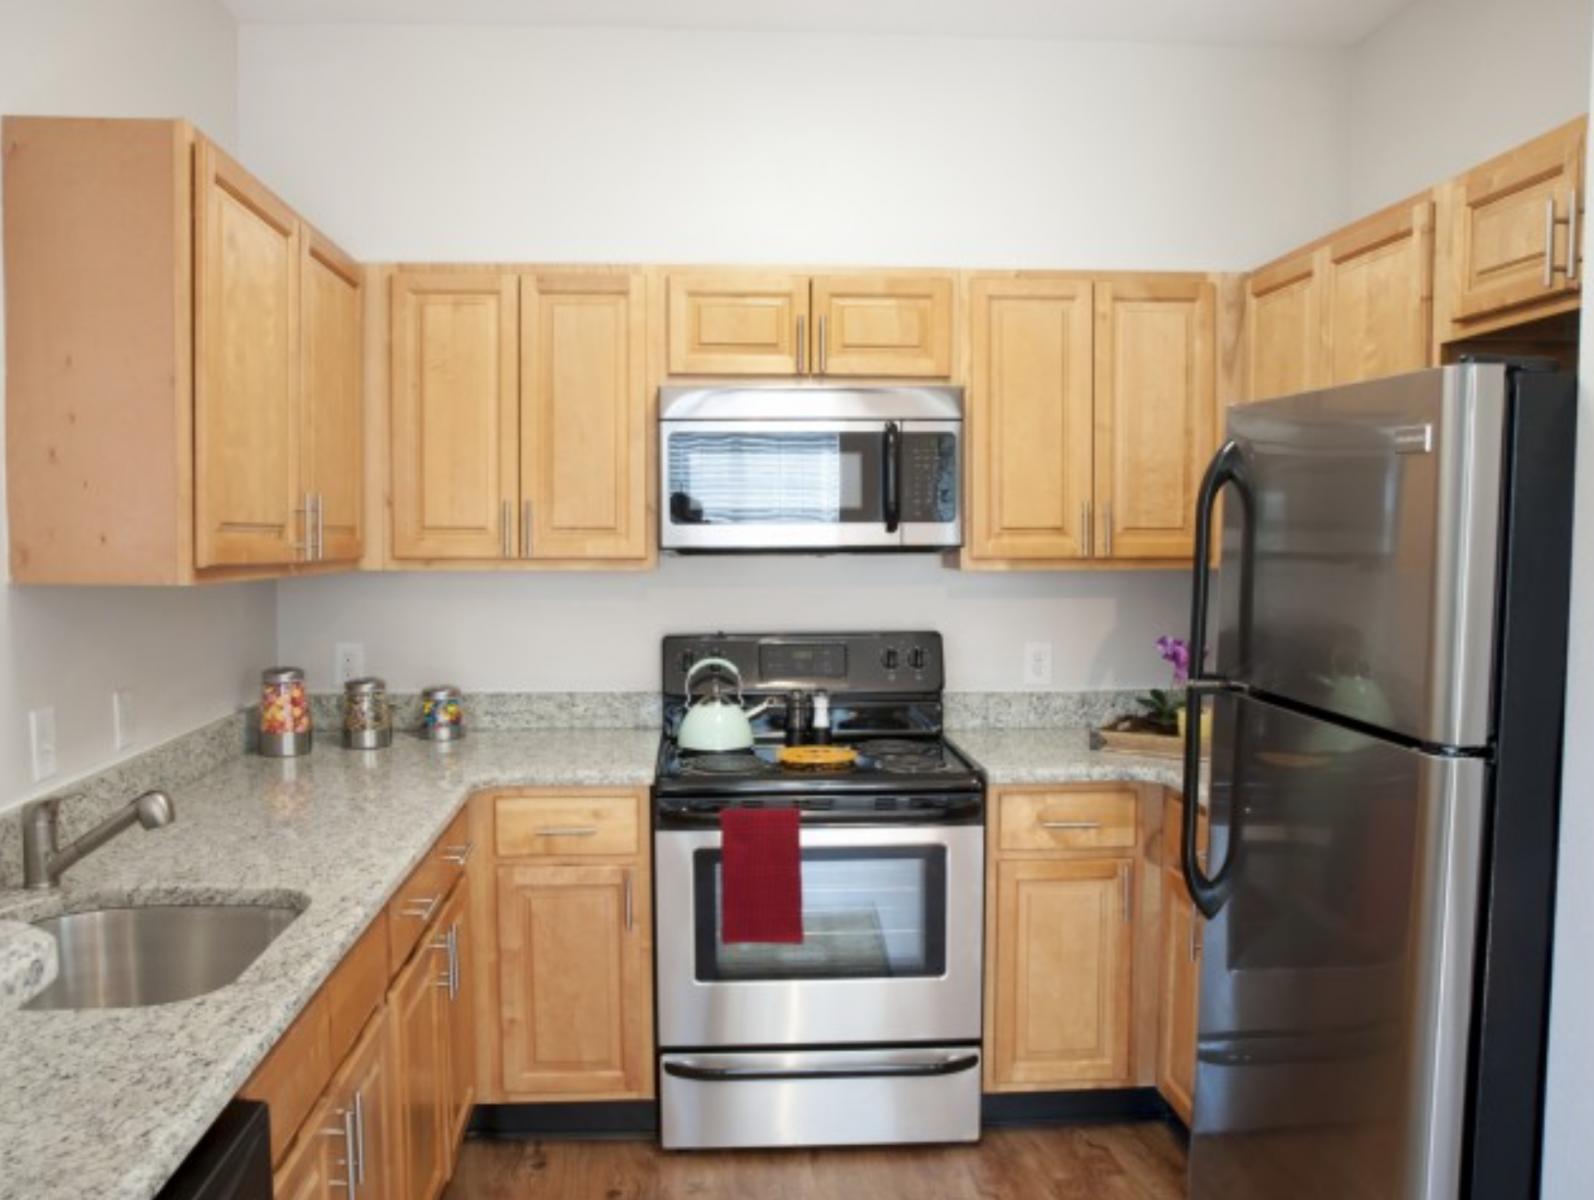 8 - Kitchen Area